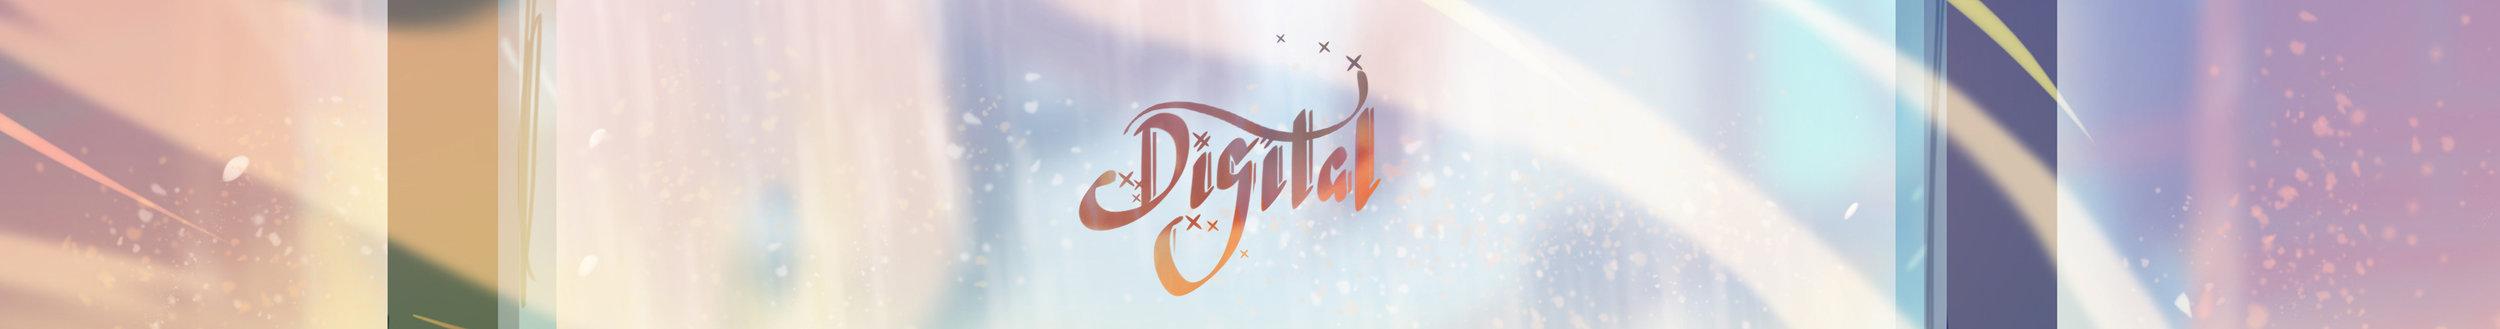 Digital_home_banner_v2.jpg